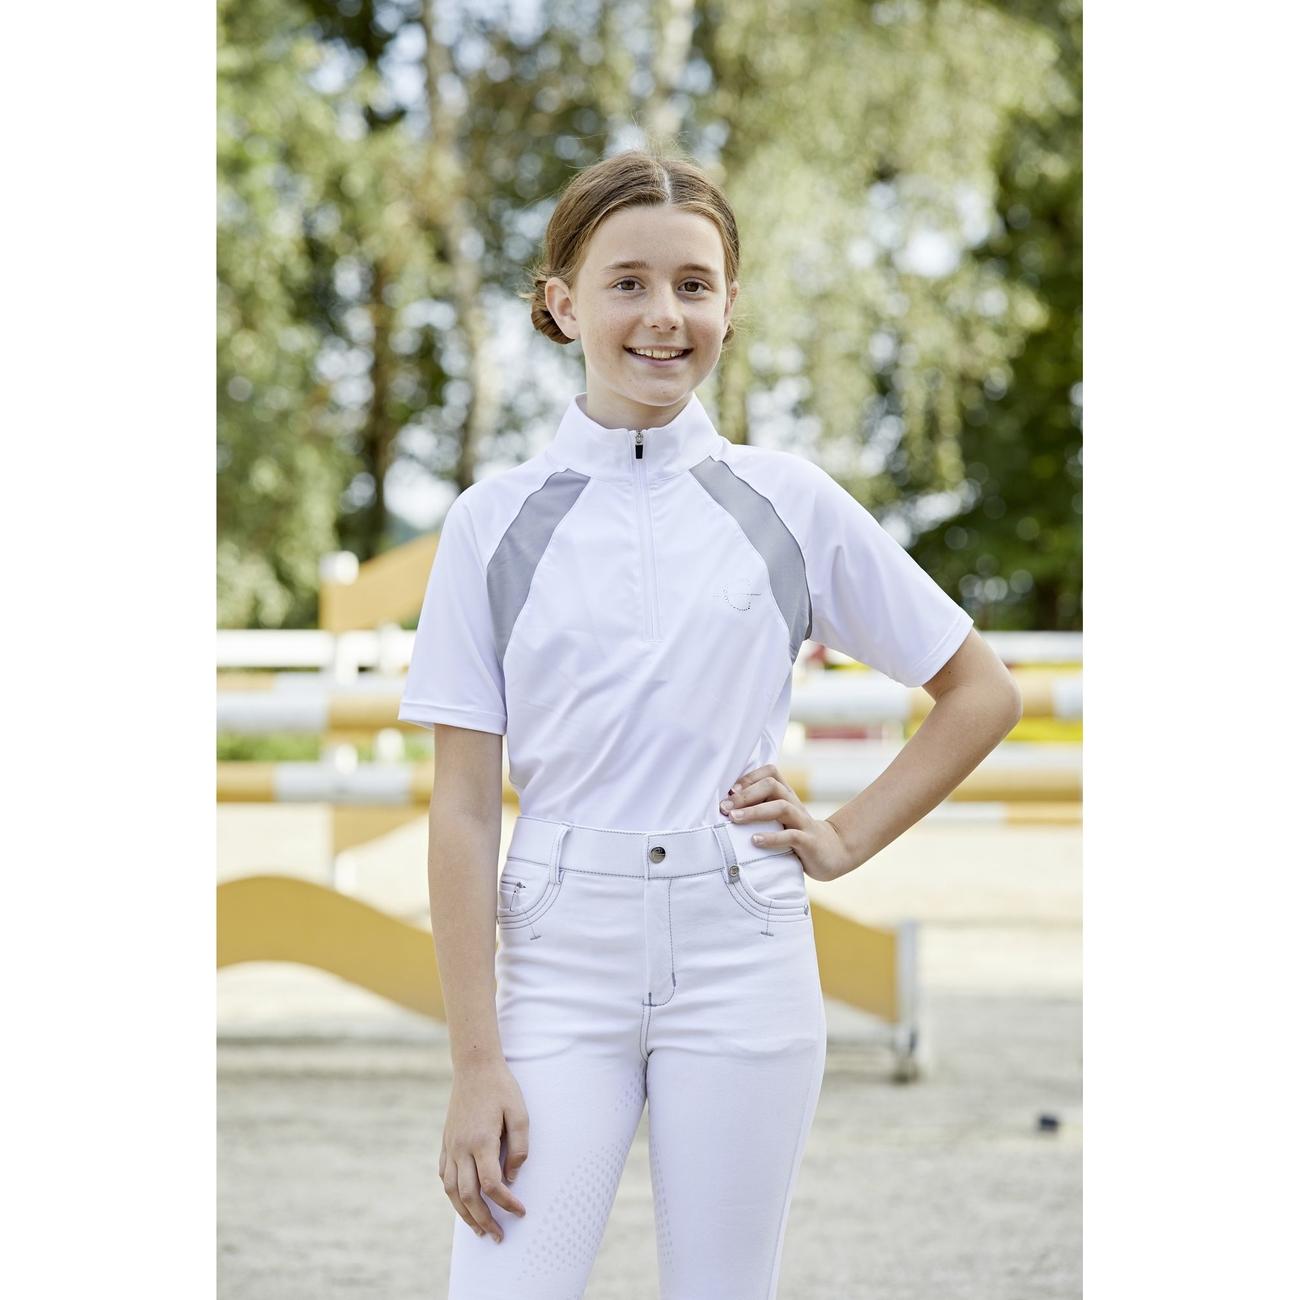 Covalliero Competition Shirt Lani für Kinder und Damen, Bild 11